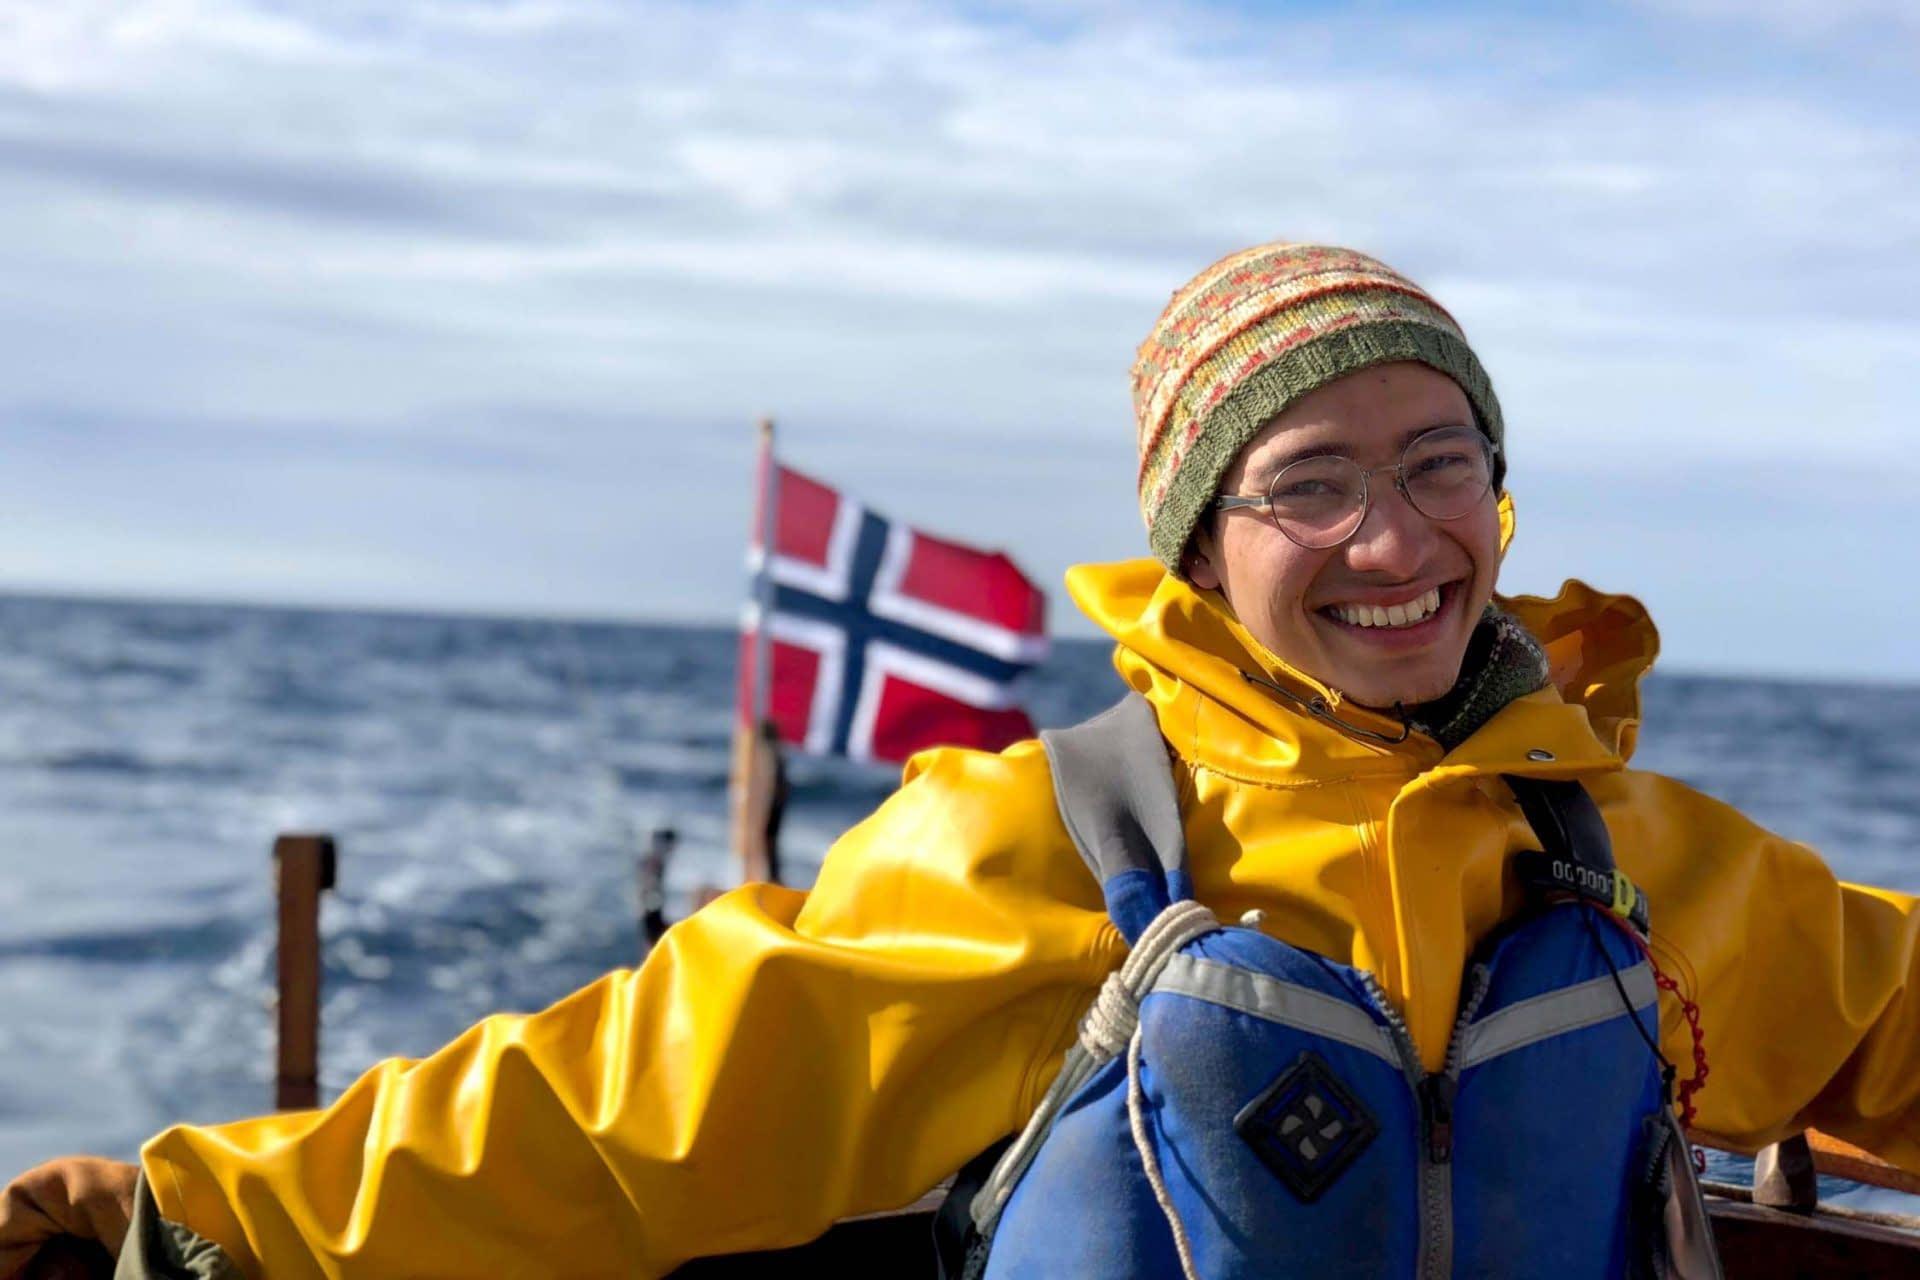 En glad elev med regntoy og flytevest styrer seilbaten i frisk vind. Det norske flagget i bakgrunnen.